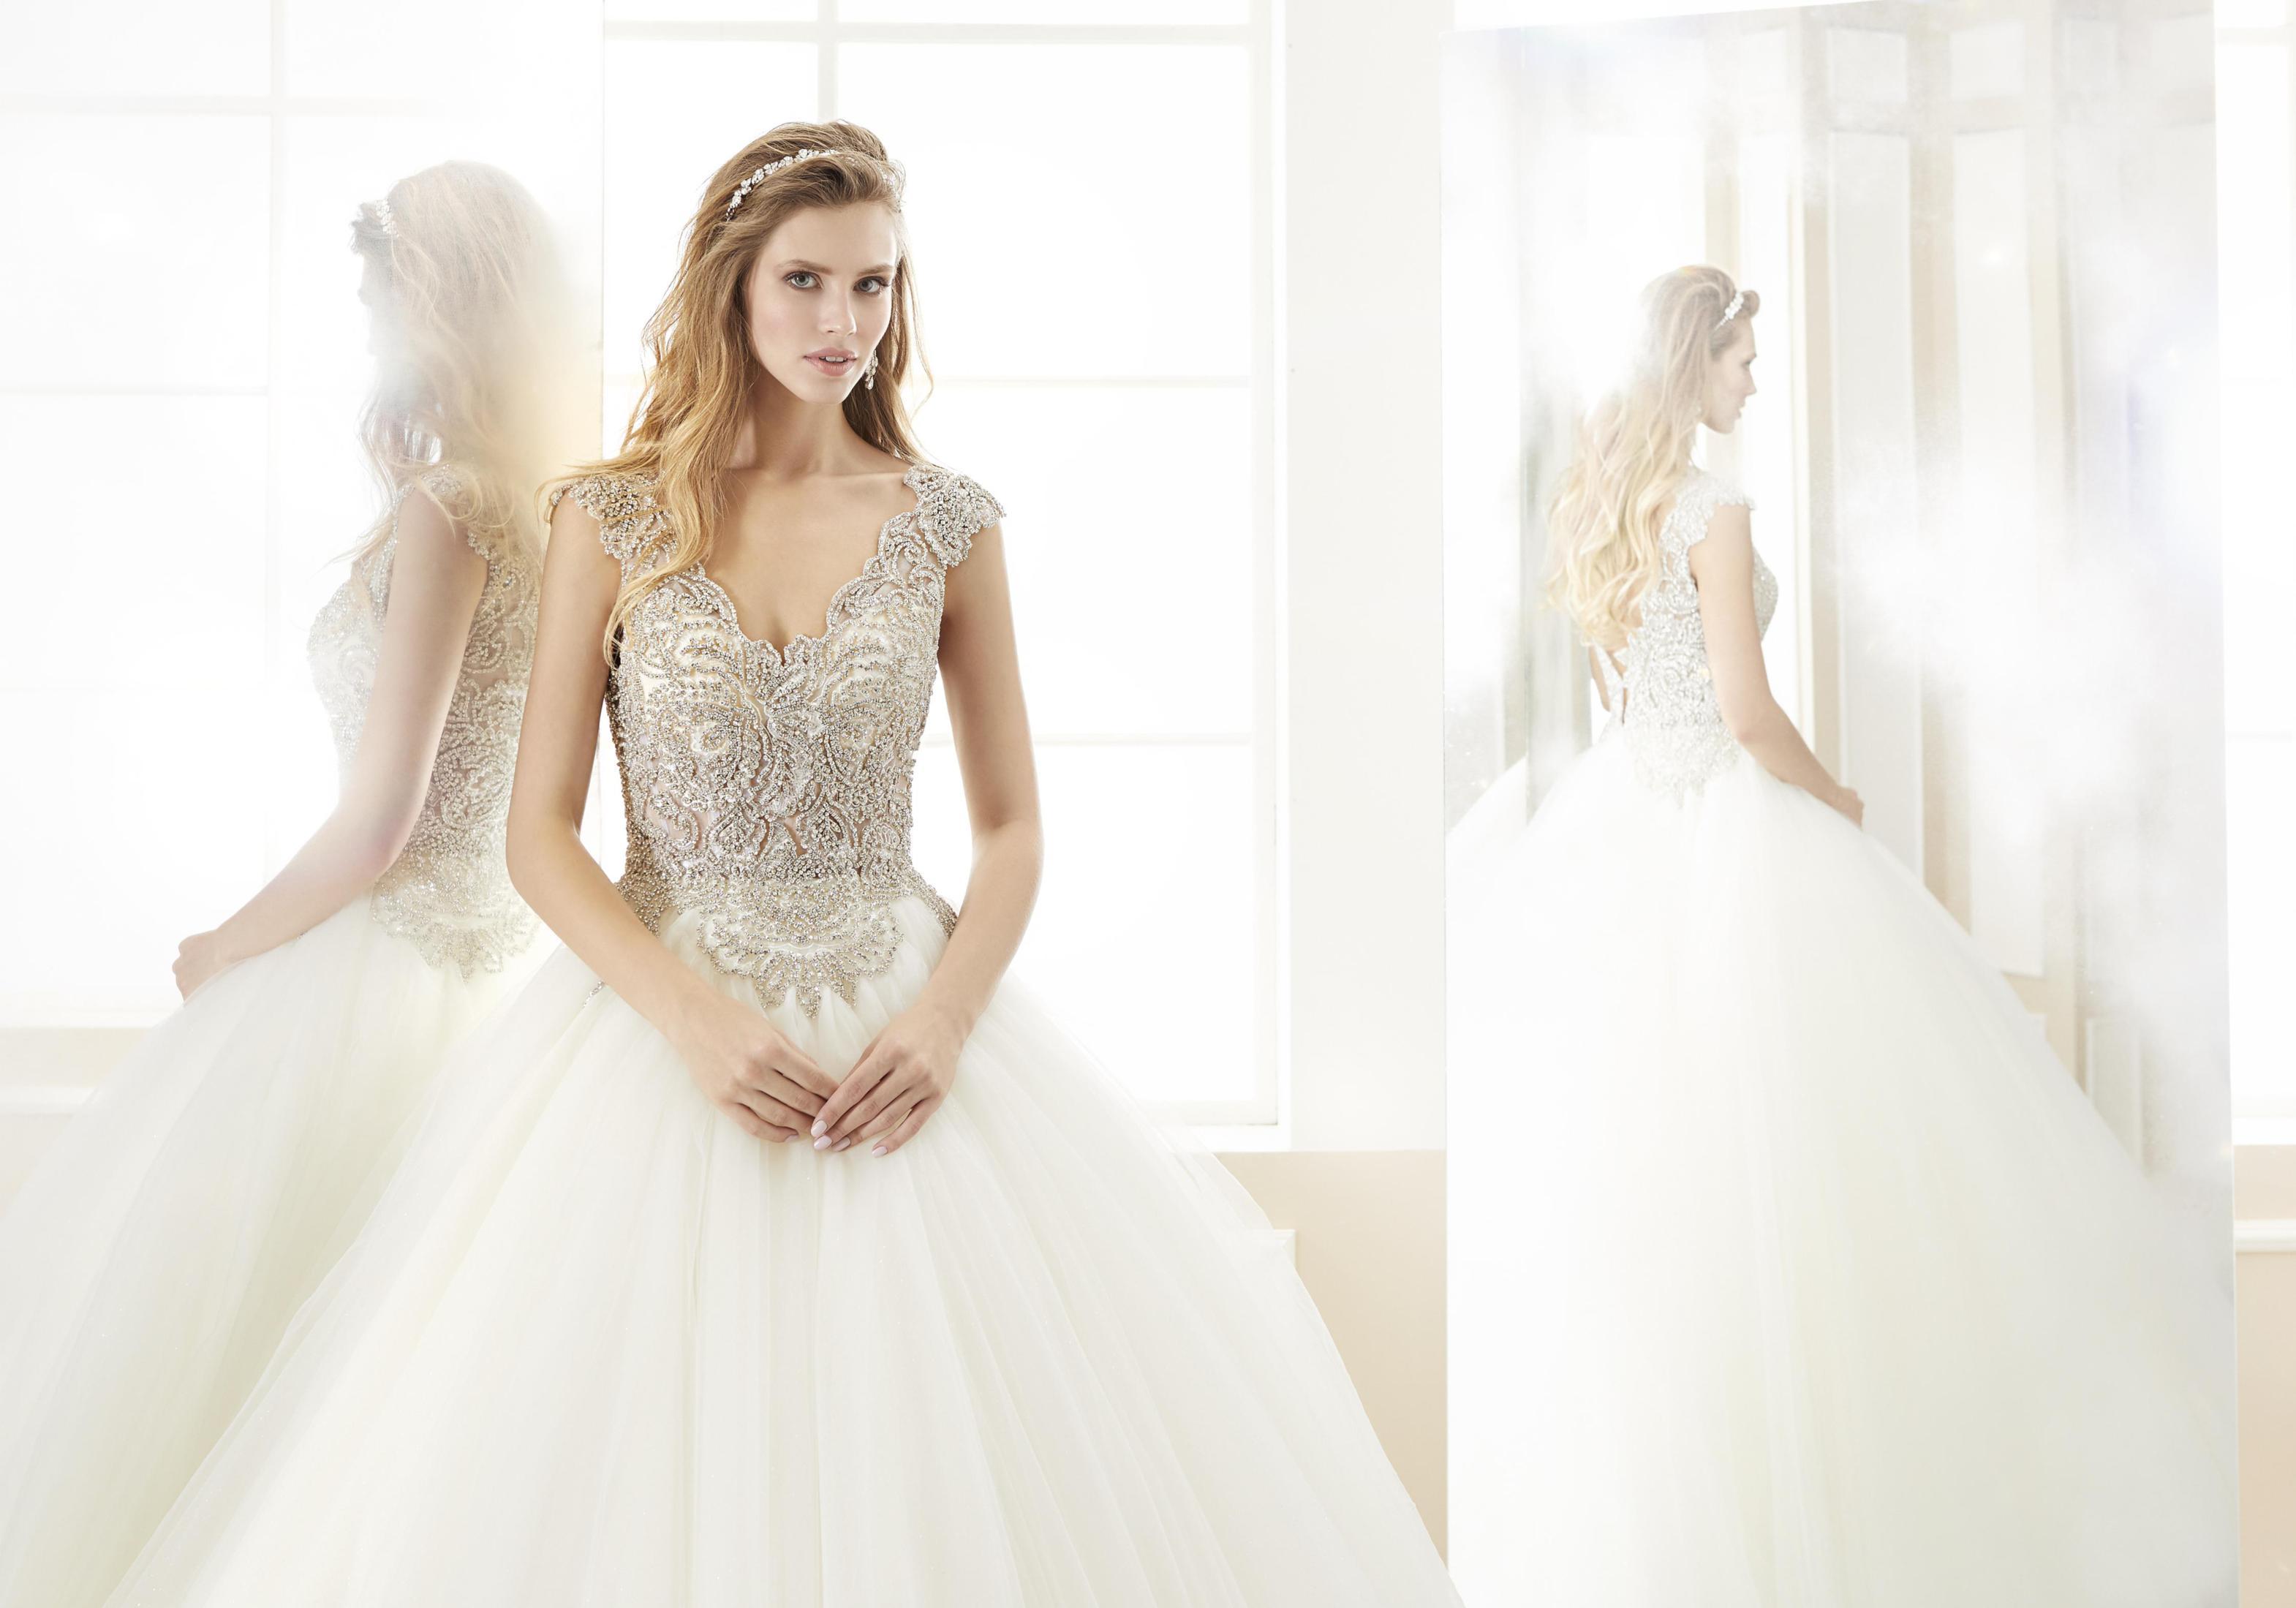 Come scegliere il tuo vestito da sposa - Il Giardino Della Sposa e9c84ec0999